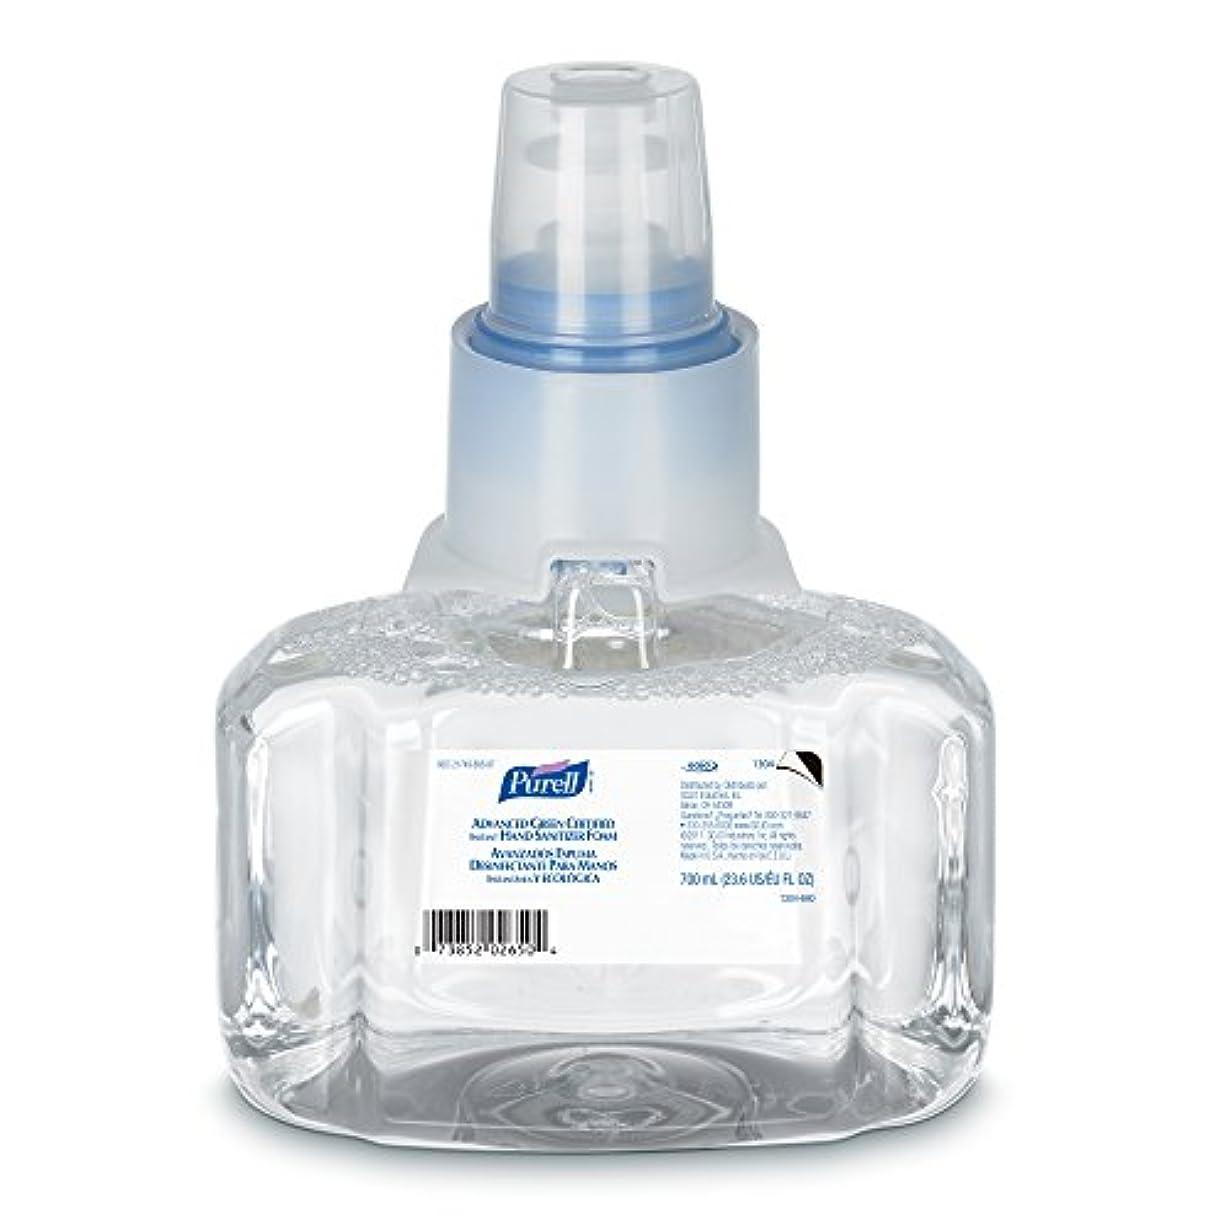 戻る最も心配Purell 1304-03 Advanced Green Certified Instant Hand Sanitizer Foam, 700 ml Refill (Pack of 3) by Purell